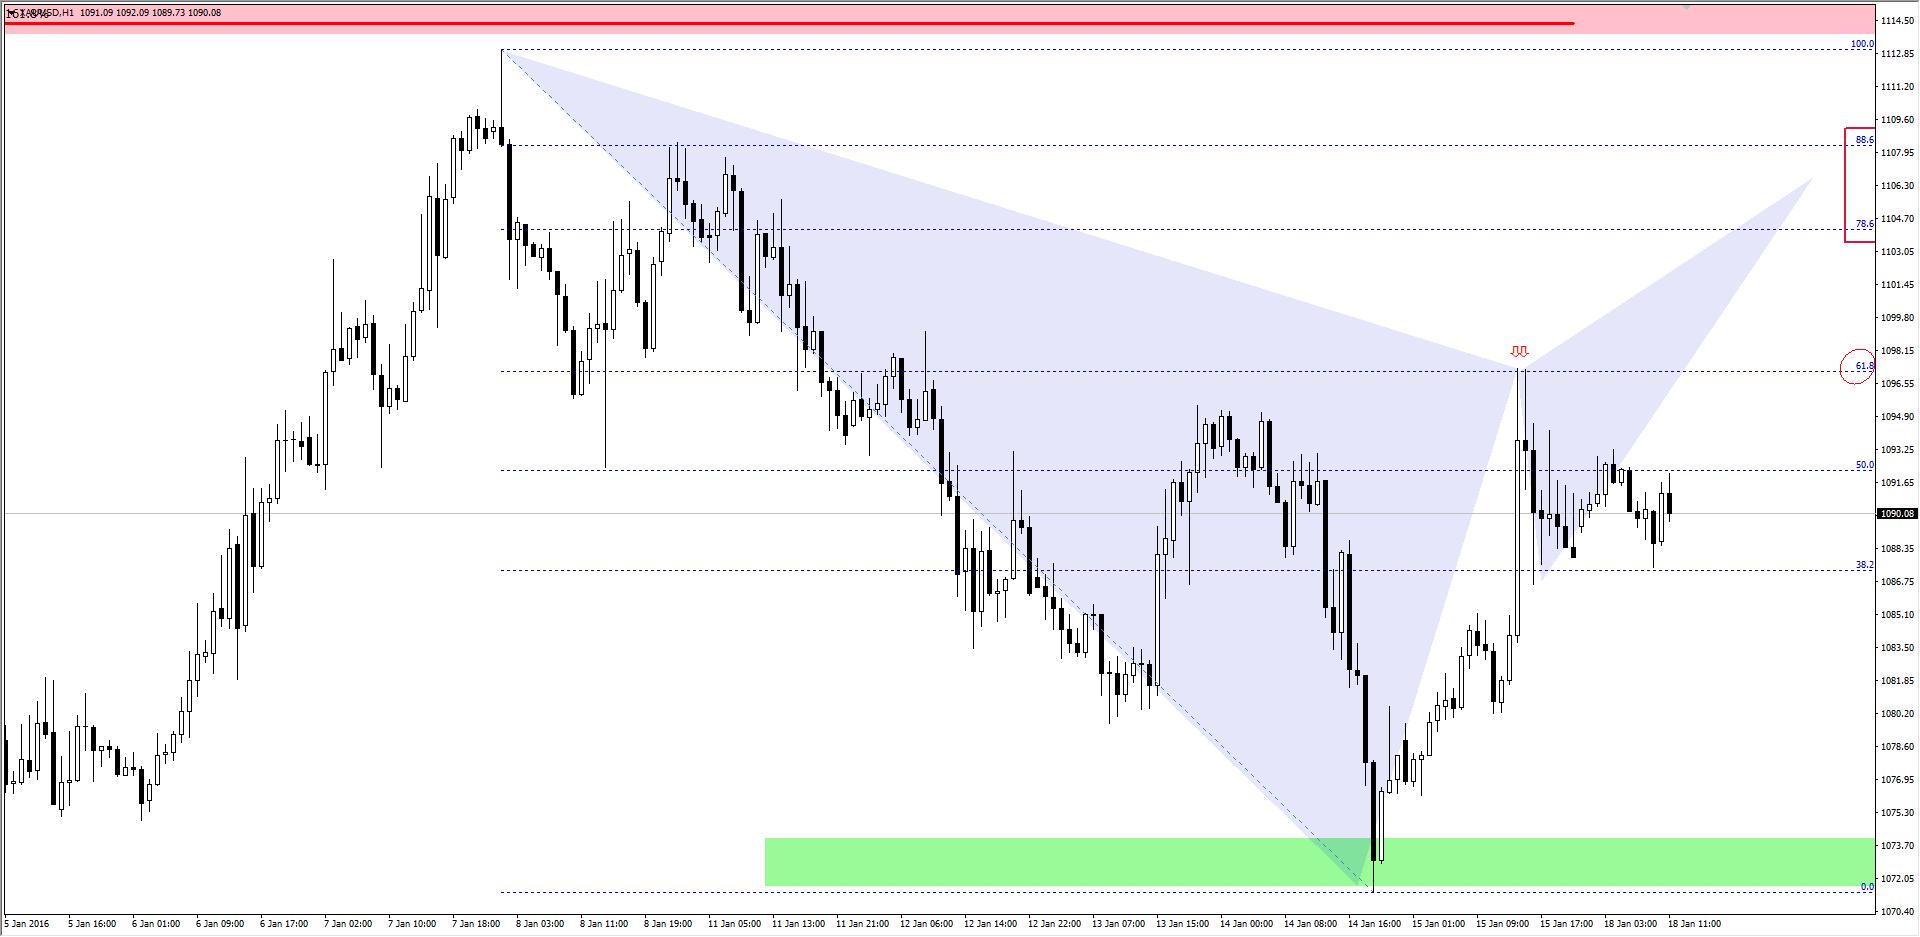 FXMAG forex harmoniczne spojrzenie na rynek złota 3